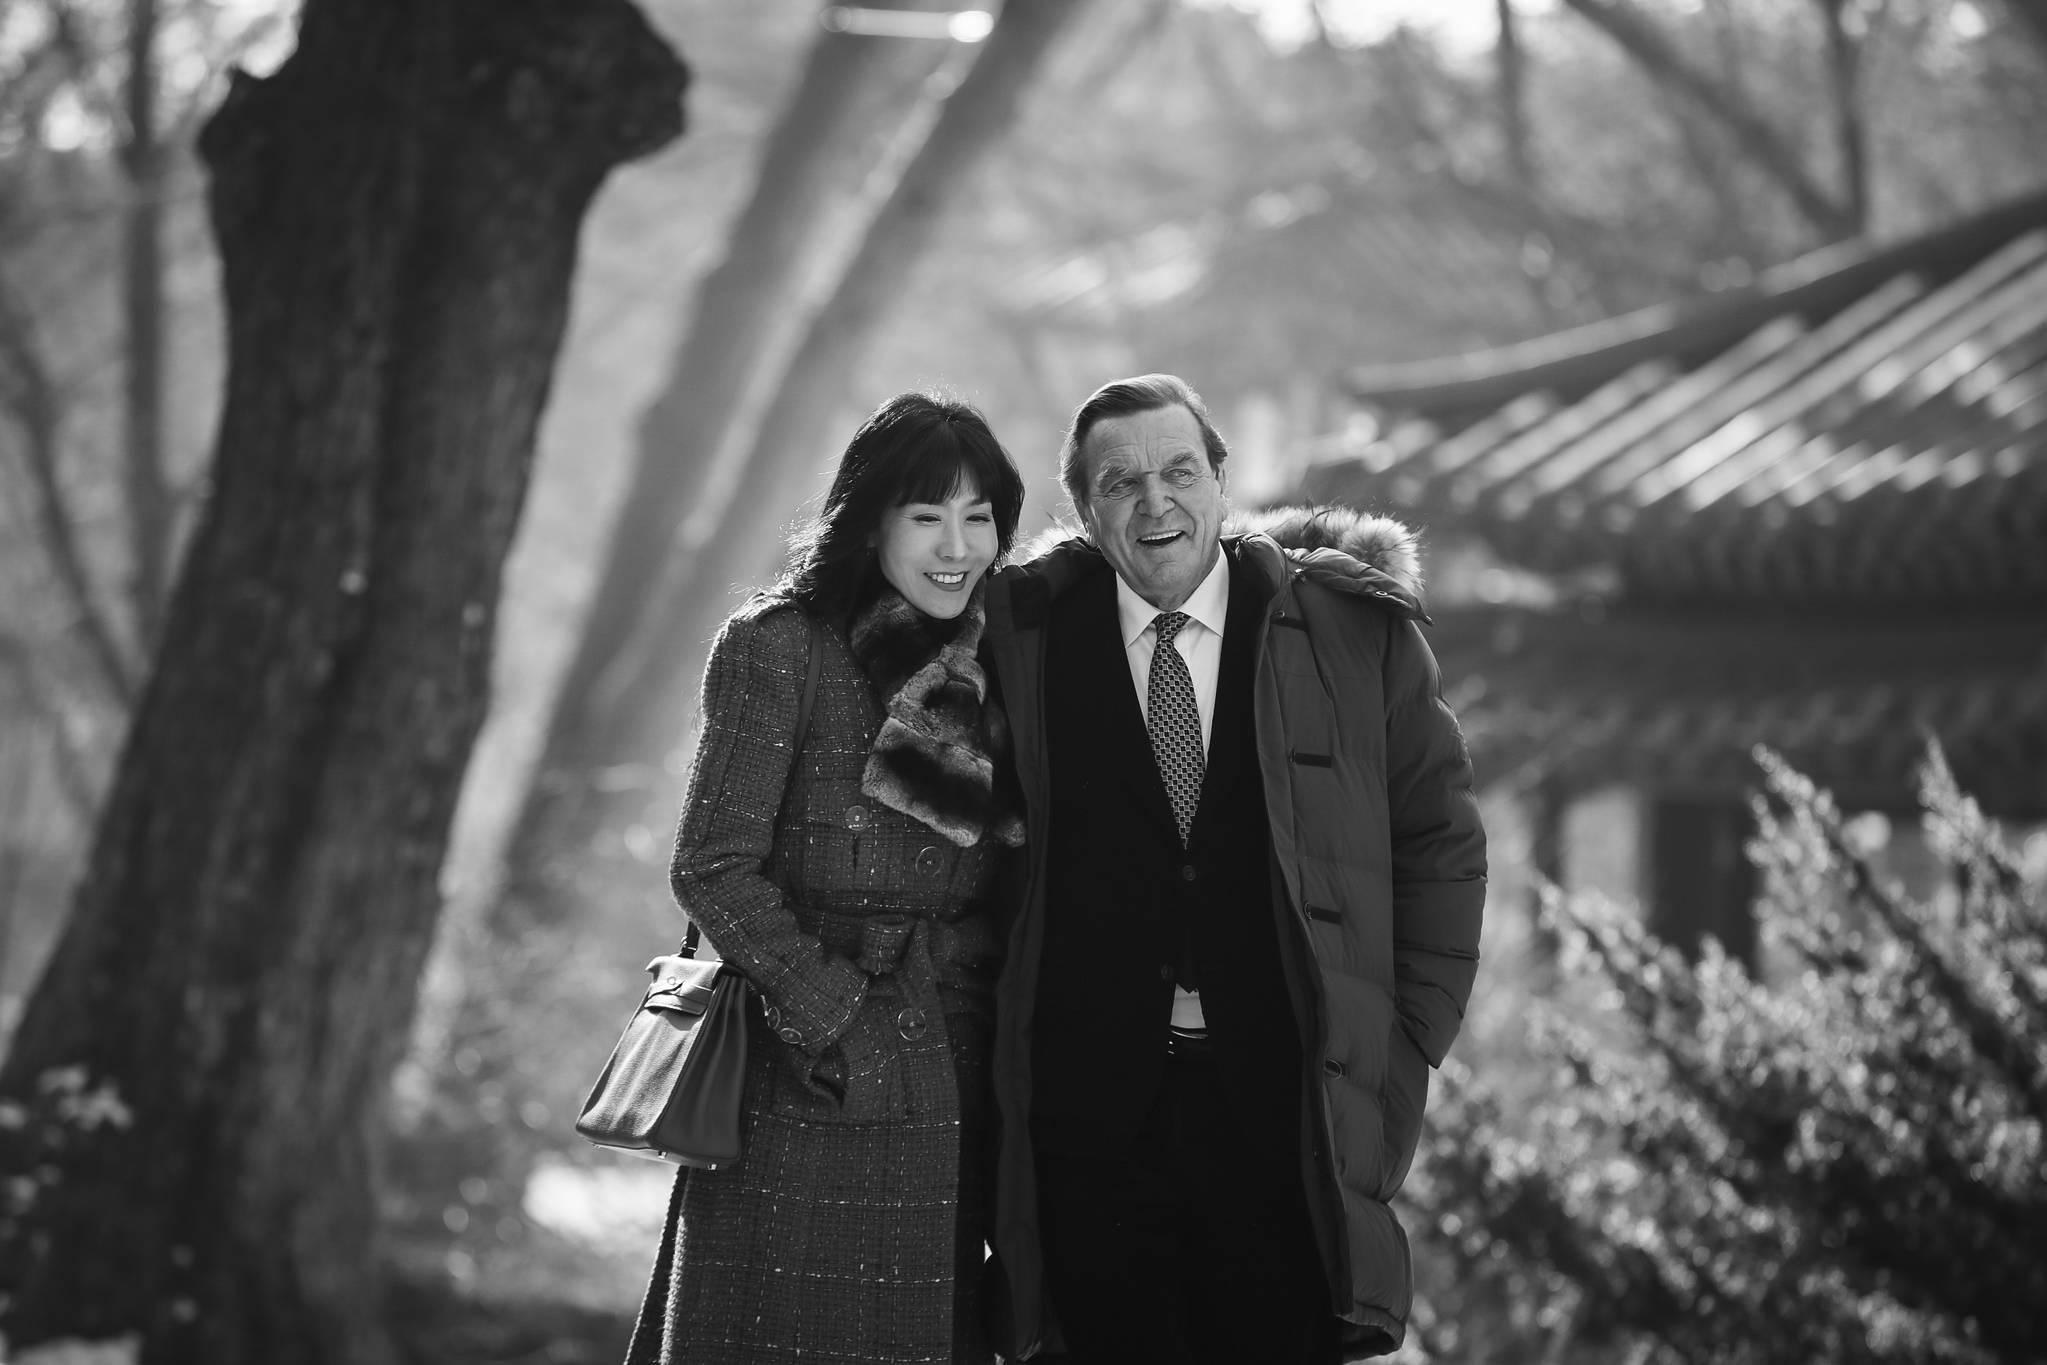 슈뢰더 김소연/ 20171208 /창덕궁/권혁재 사진전문기자